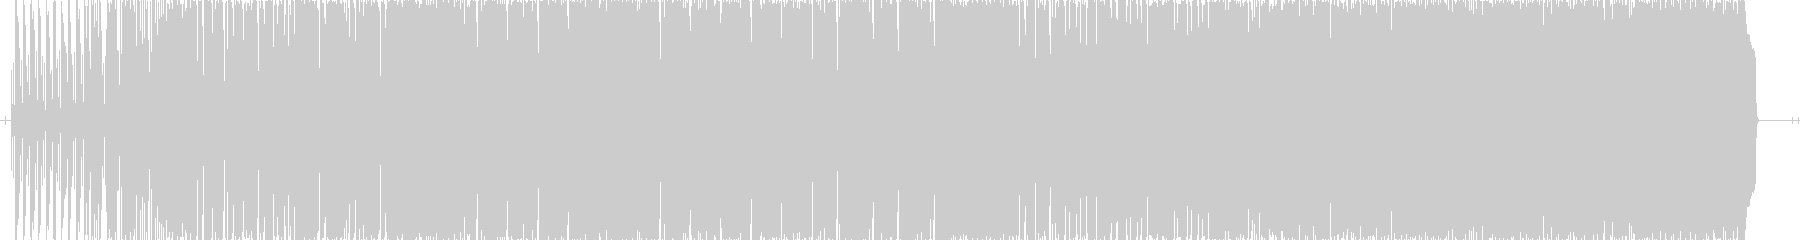 1994年2月作曲。ピアノとサックスを…の未再生の波形